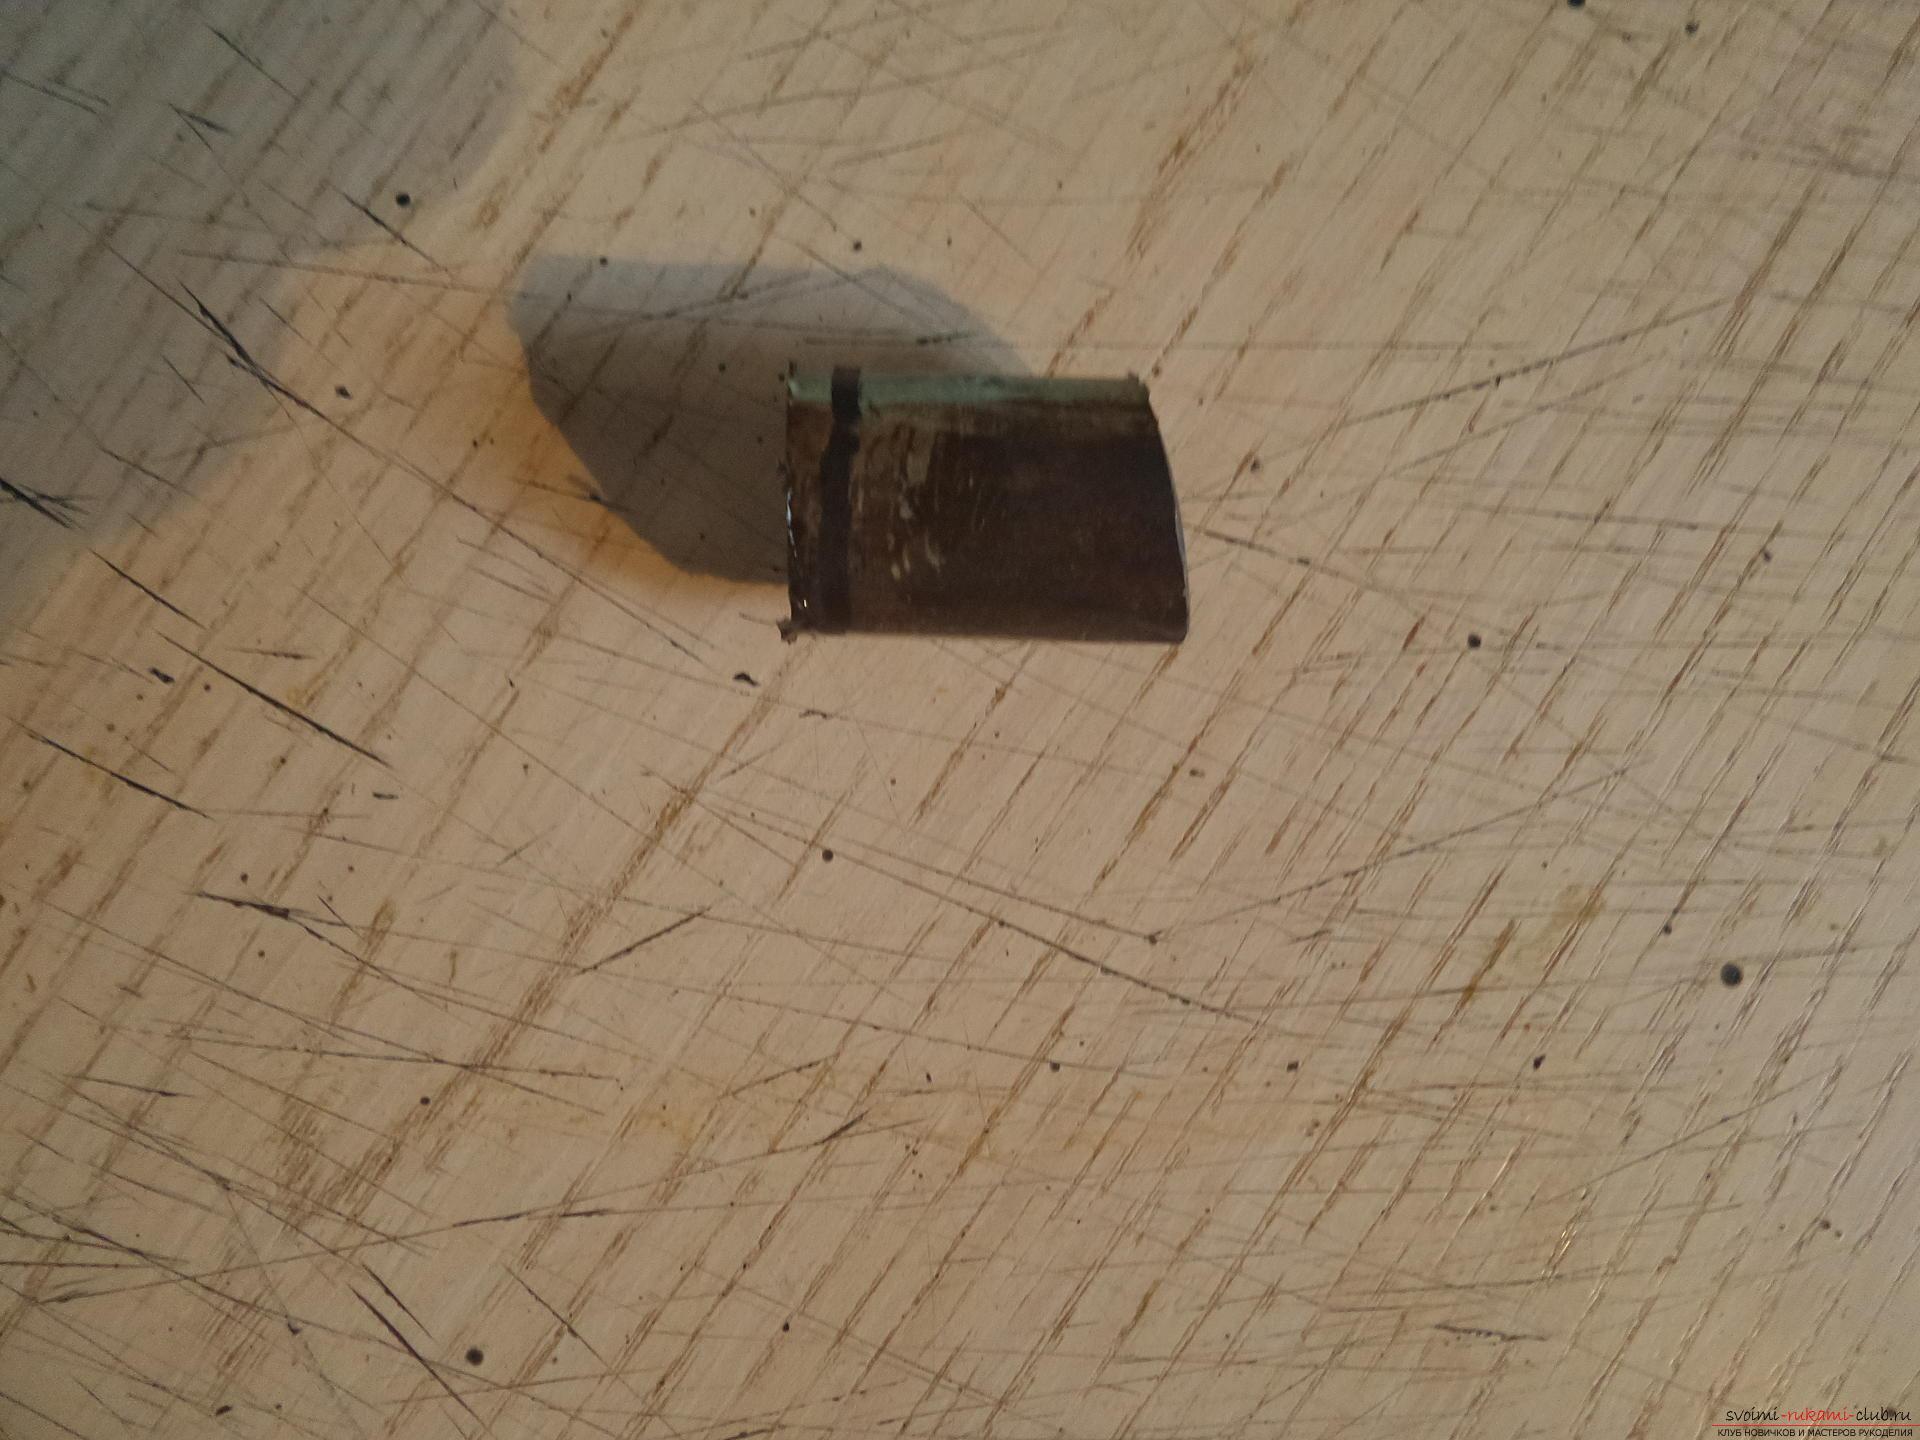 Этот мастер-класс научит как своими руками сделать необычный брелок для ключей - железный скворечник. Фото №3